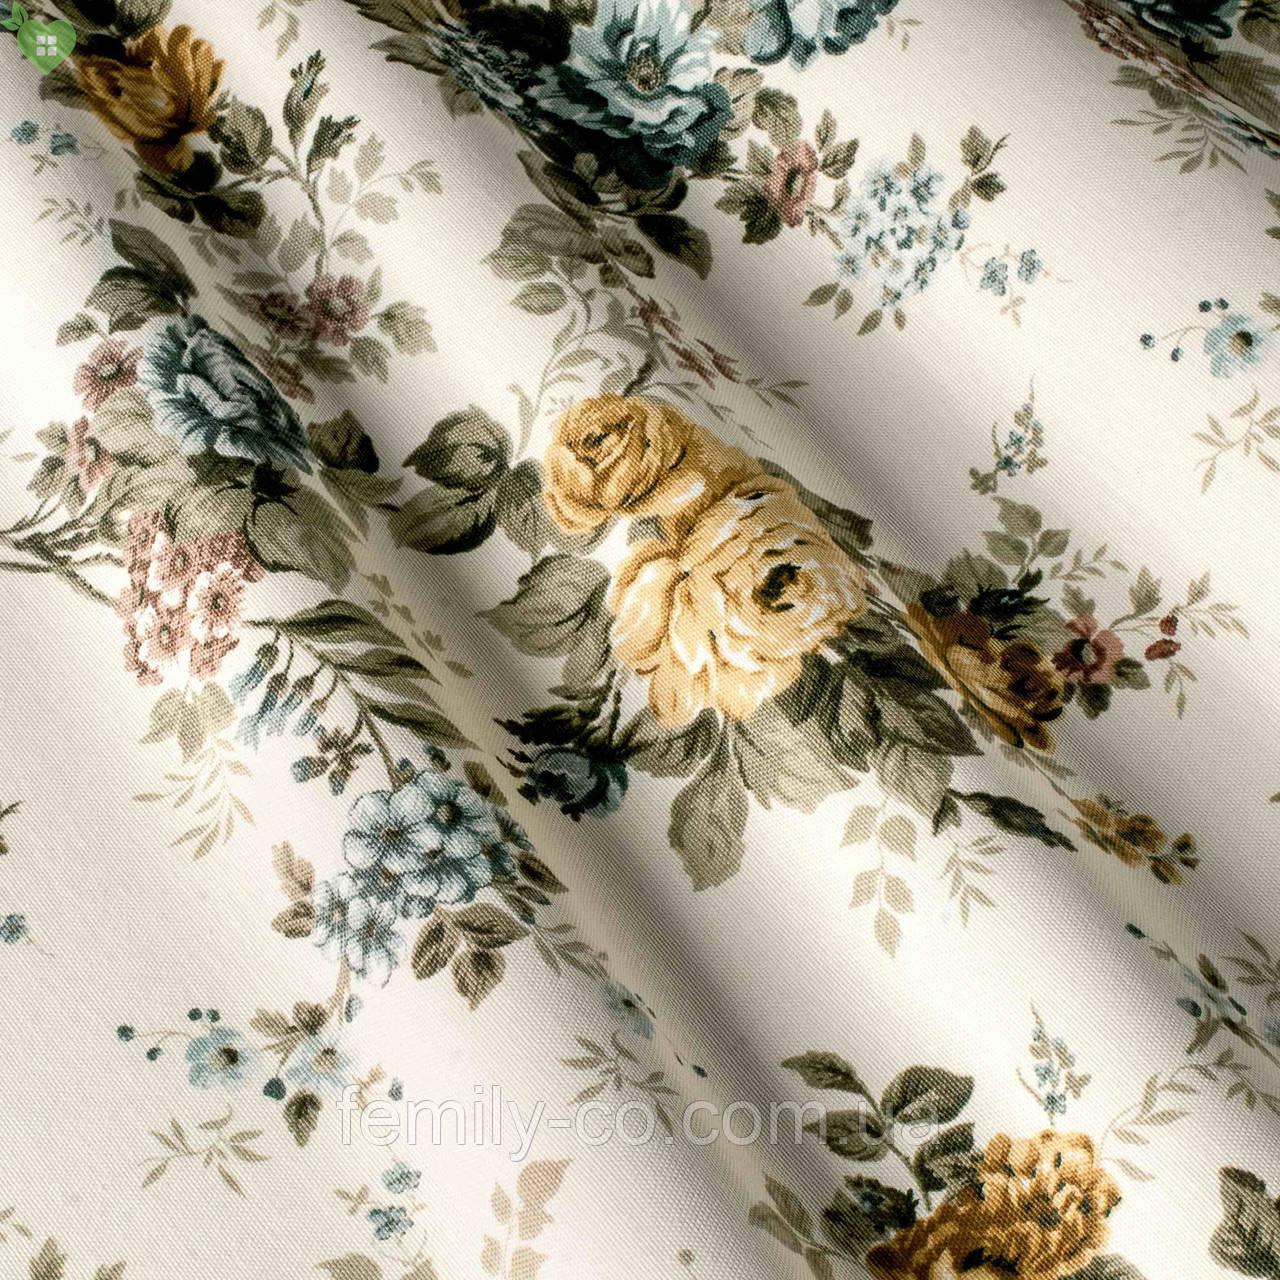 Декоративная ткань мелкие серые и бежевые розочки с узором Турция 81348v5